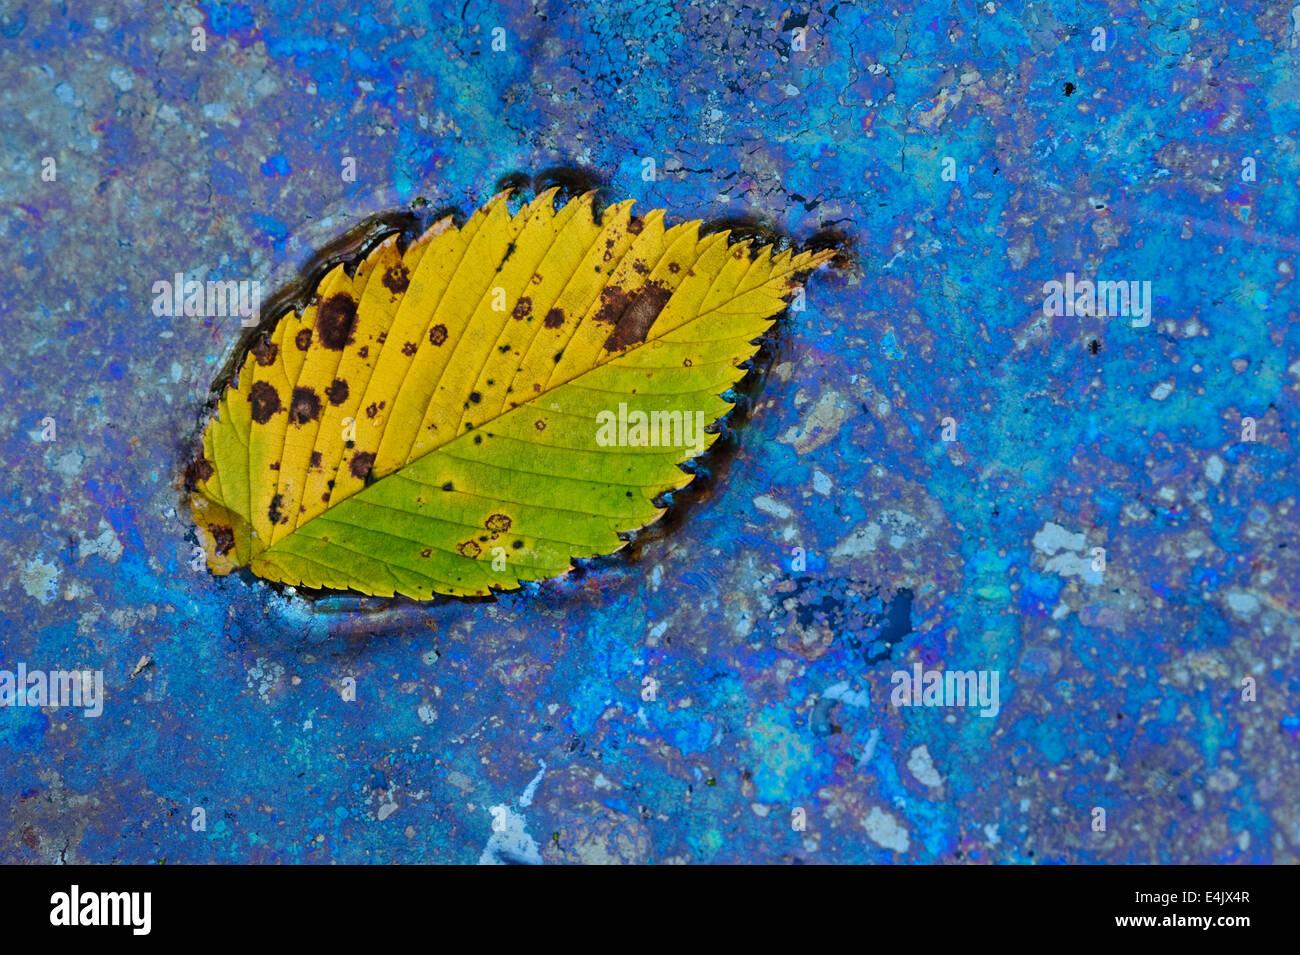 Naturellement des bactéries (Leptothrix discophora) se forme autour d'une feuille dans un étang vernal, Photo Stock